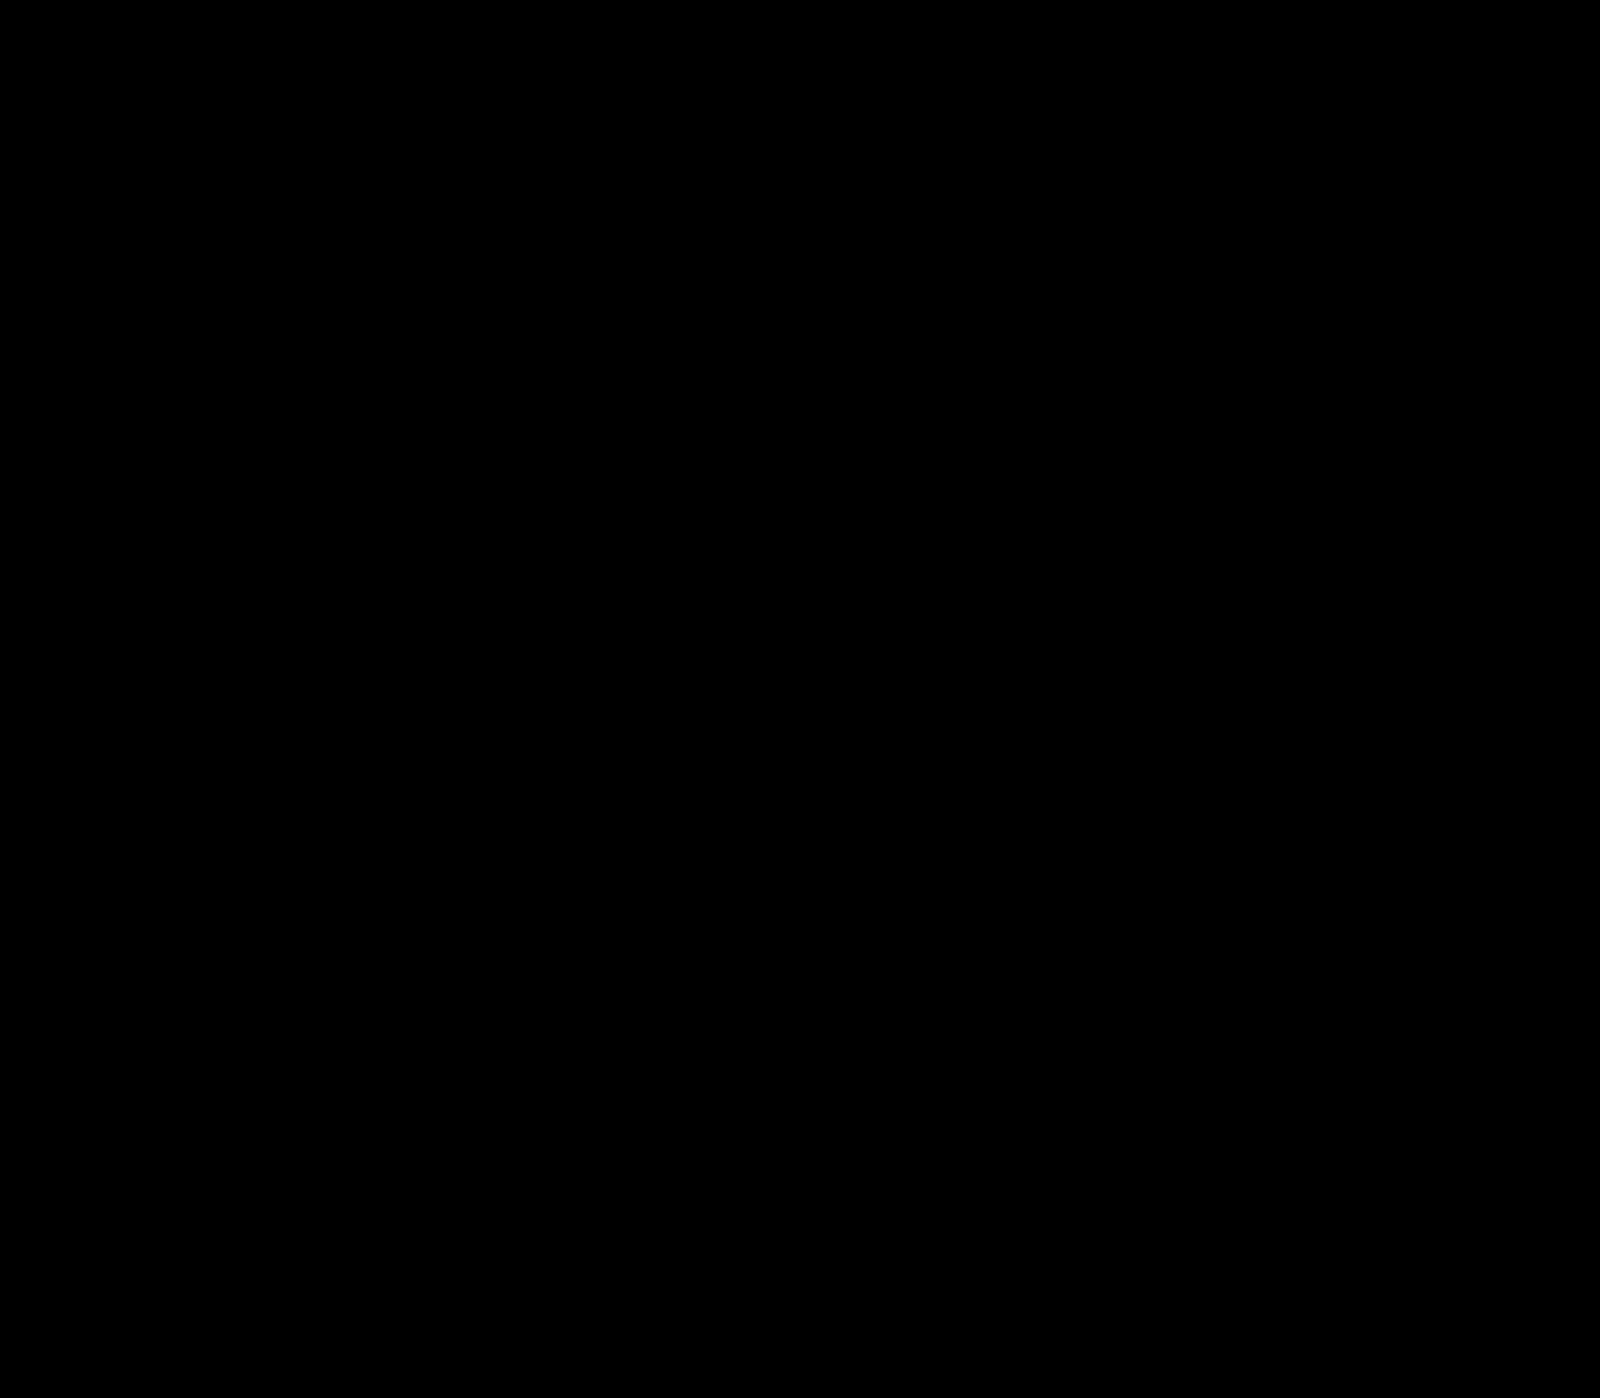 logodol ロゴドル: 三代目 J 岩田 ... : 文字 プリント : プリント